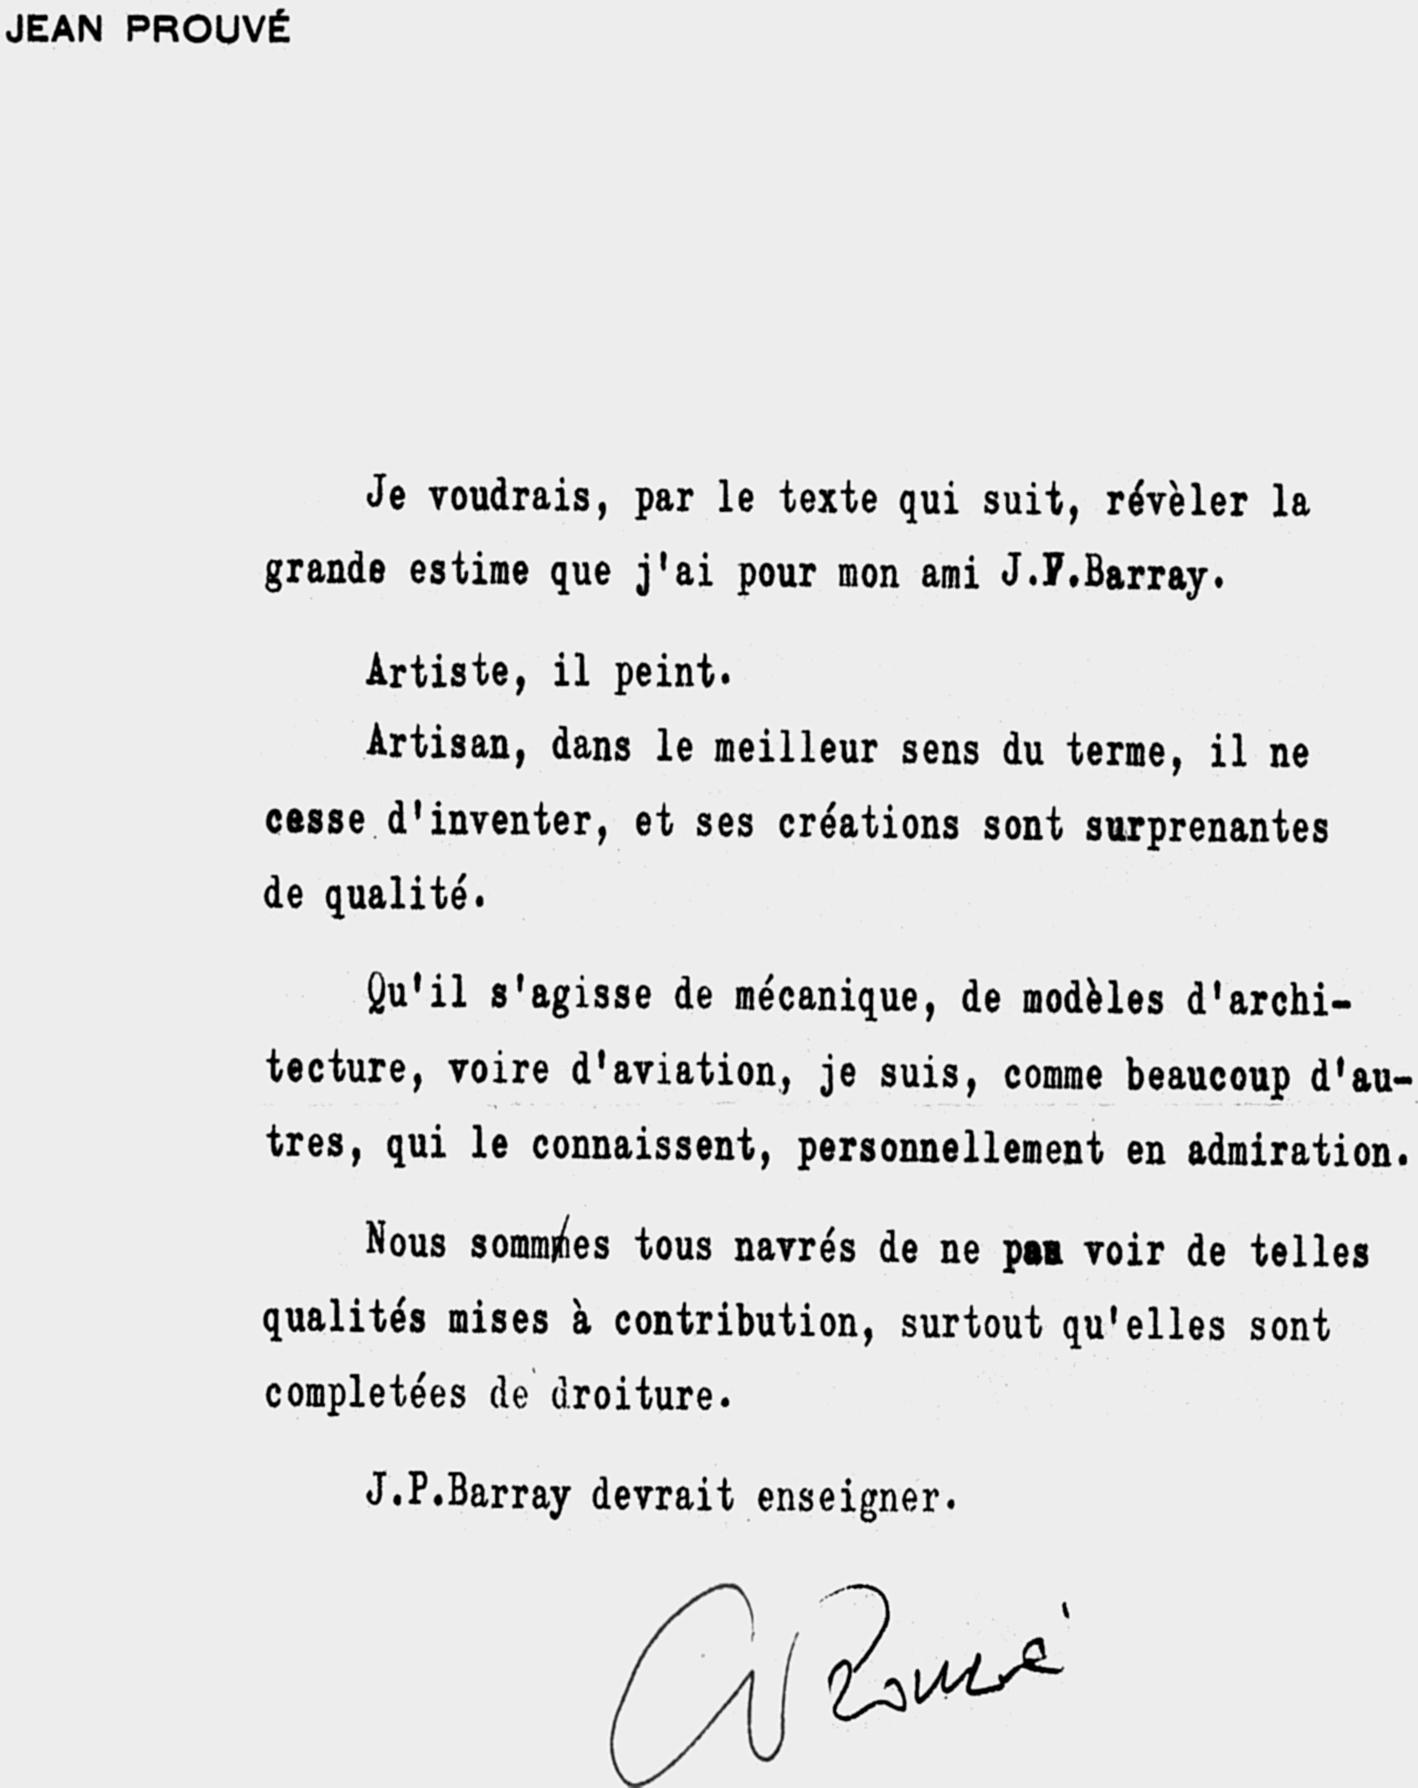 Lettre recommandation de Jean Prouvé